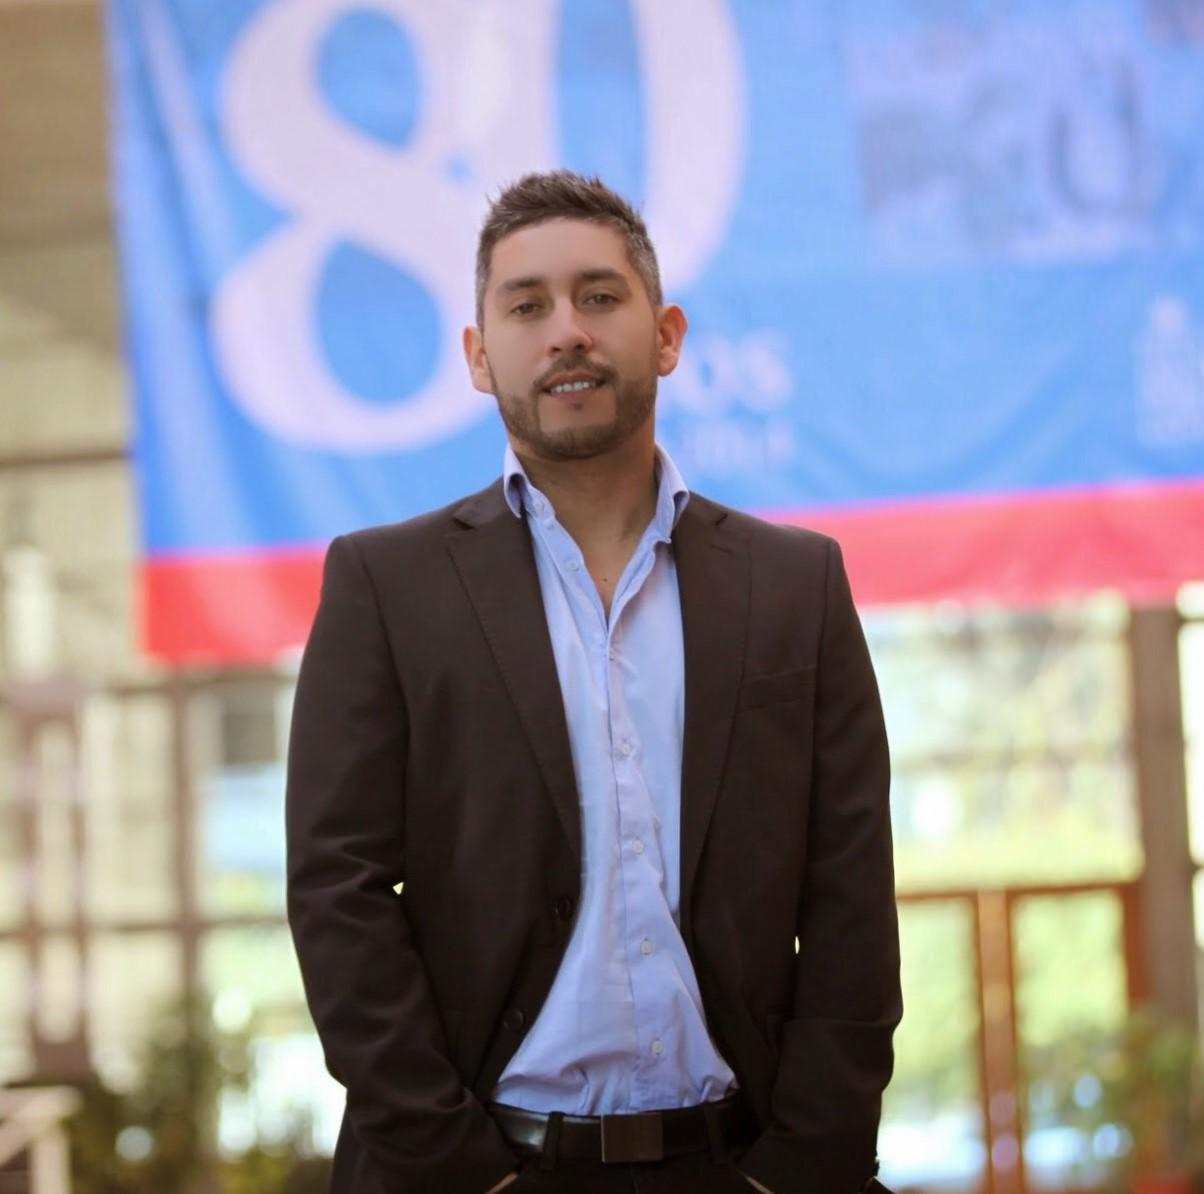 Dr. Jaime Miranda